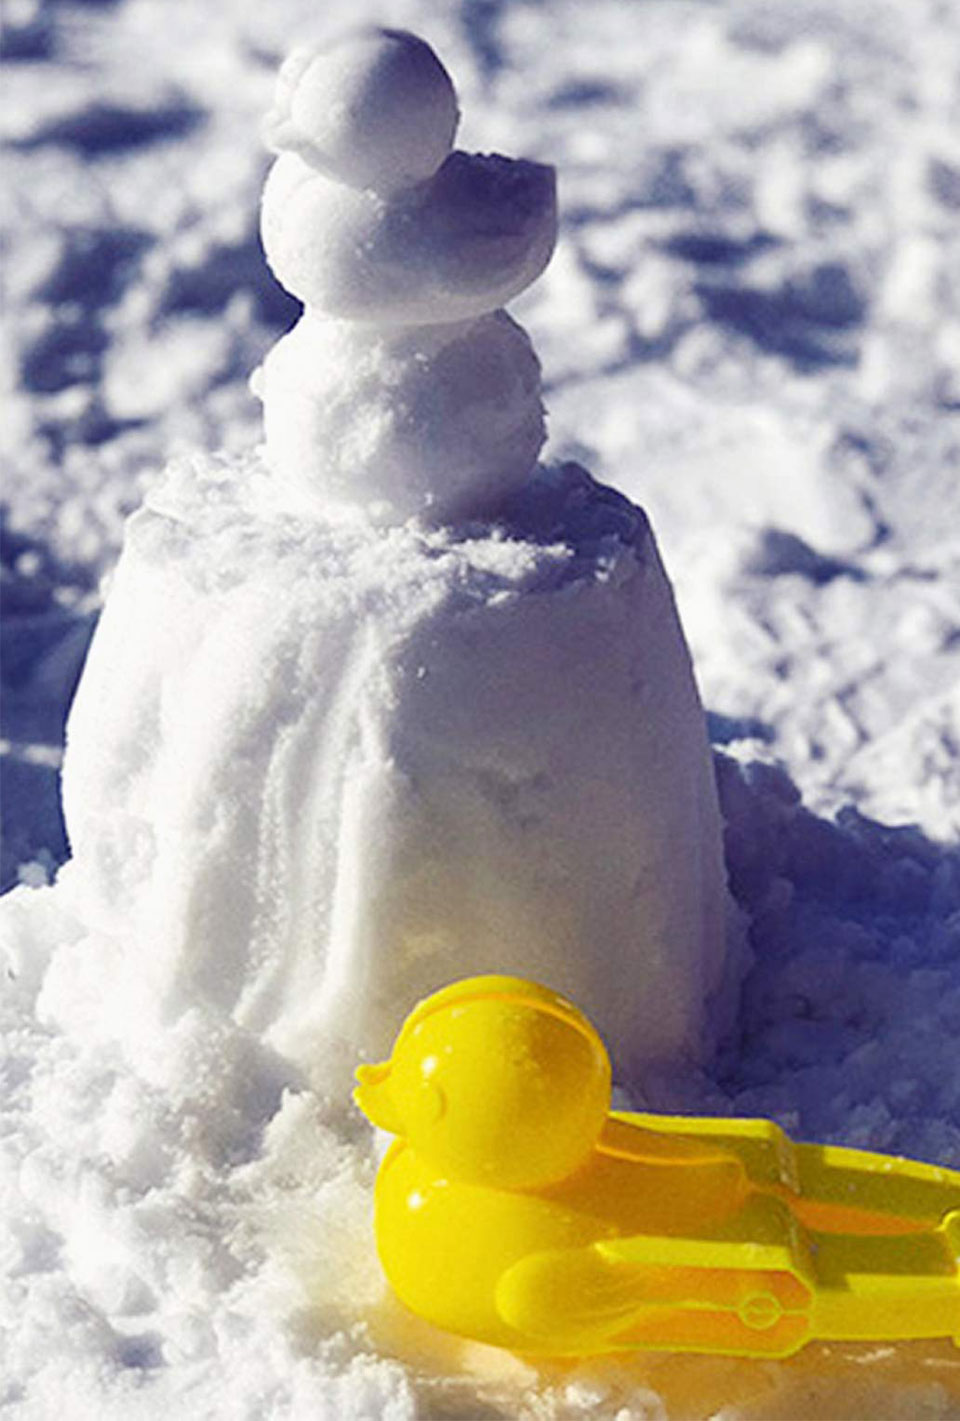 Duck-shaped Snowball Maker